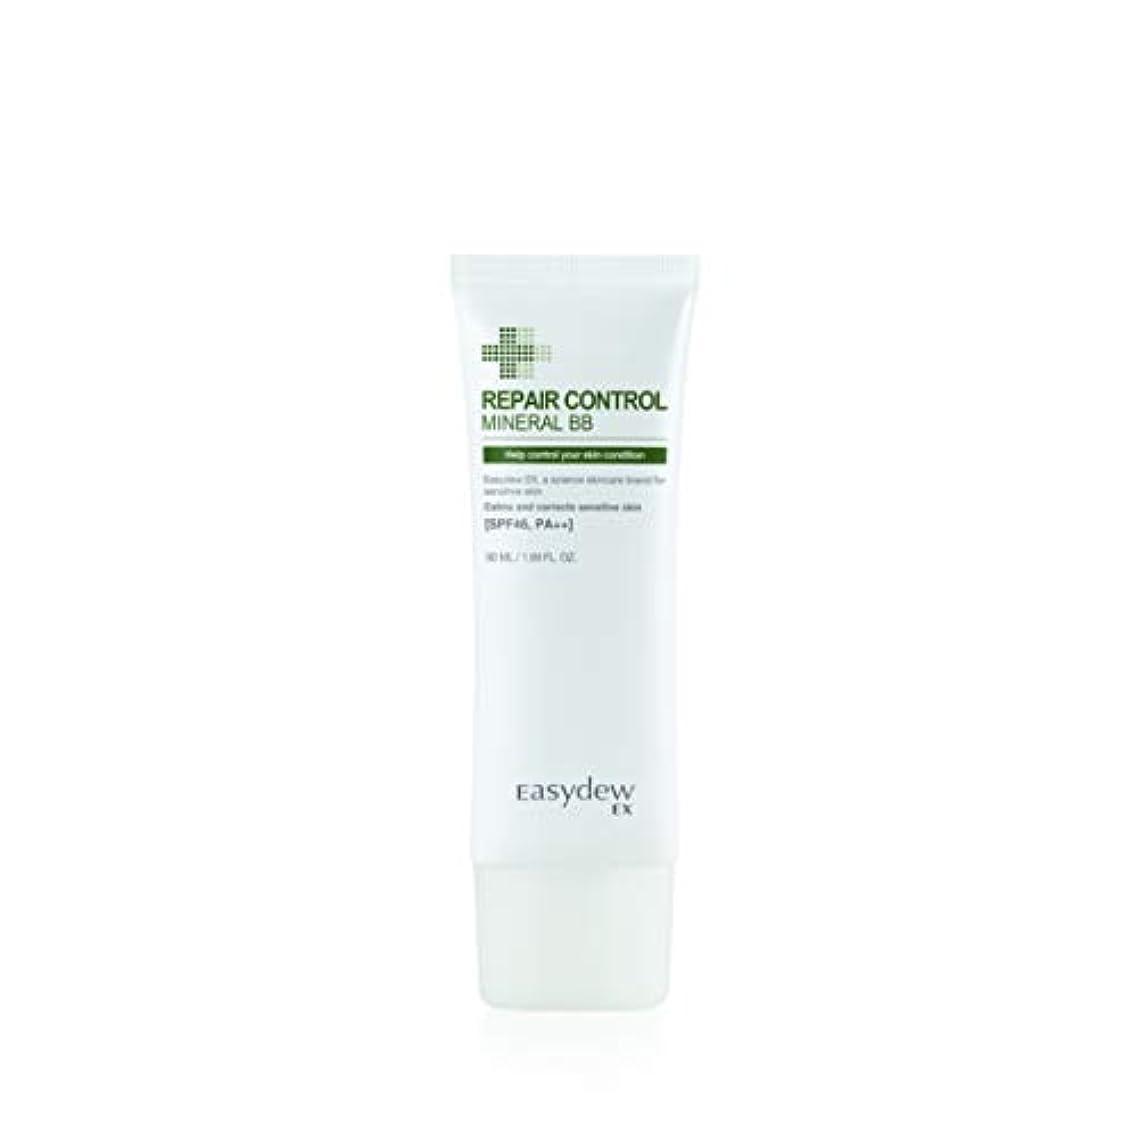 ラテン悲しい効果的にデウン製薬 リペア コントロール ミネラル BBクリーム SPF46/PA++ 50g. Repair Control Mineral B.B Cream SPF46/PA++ 50g.